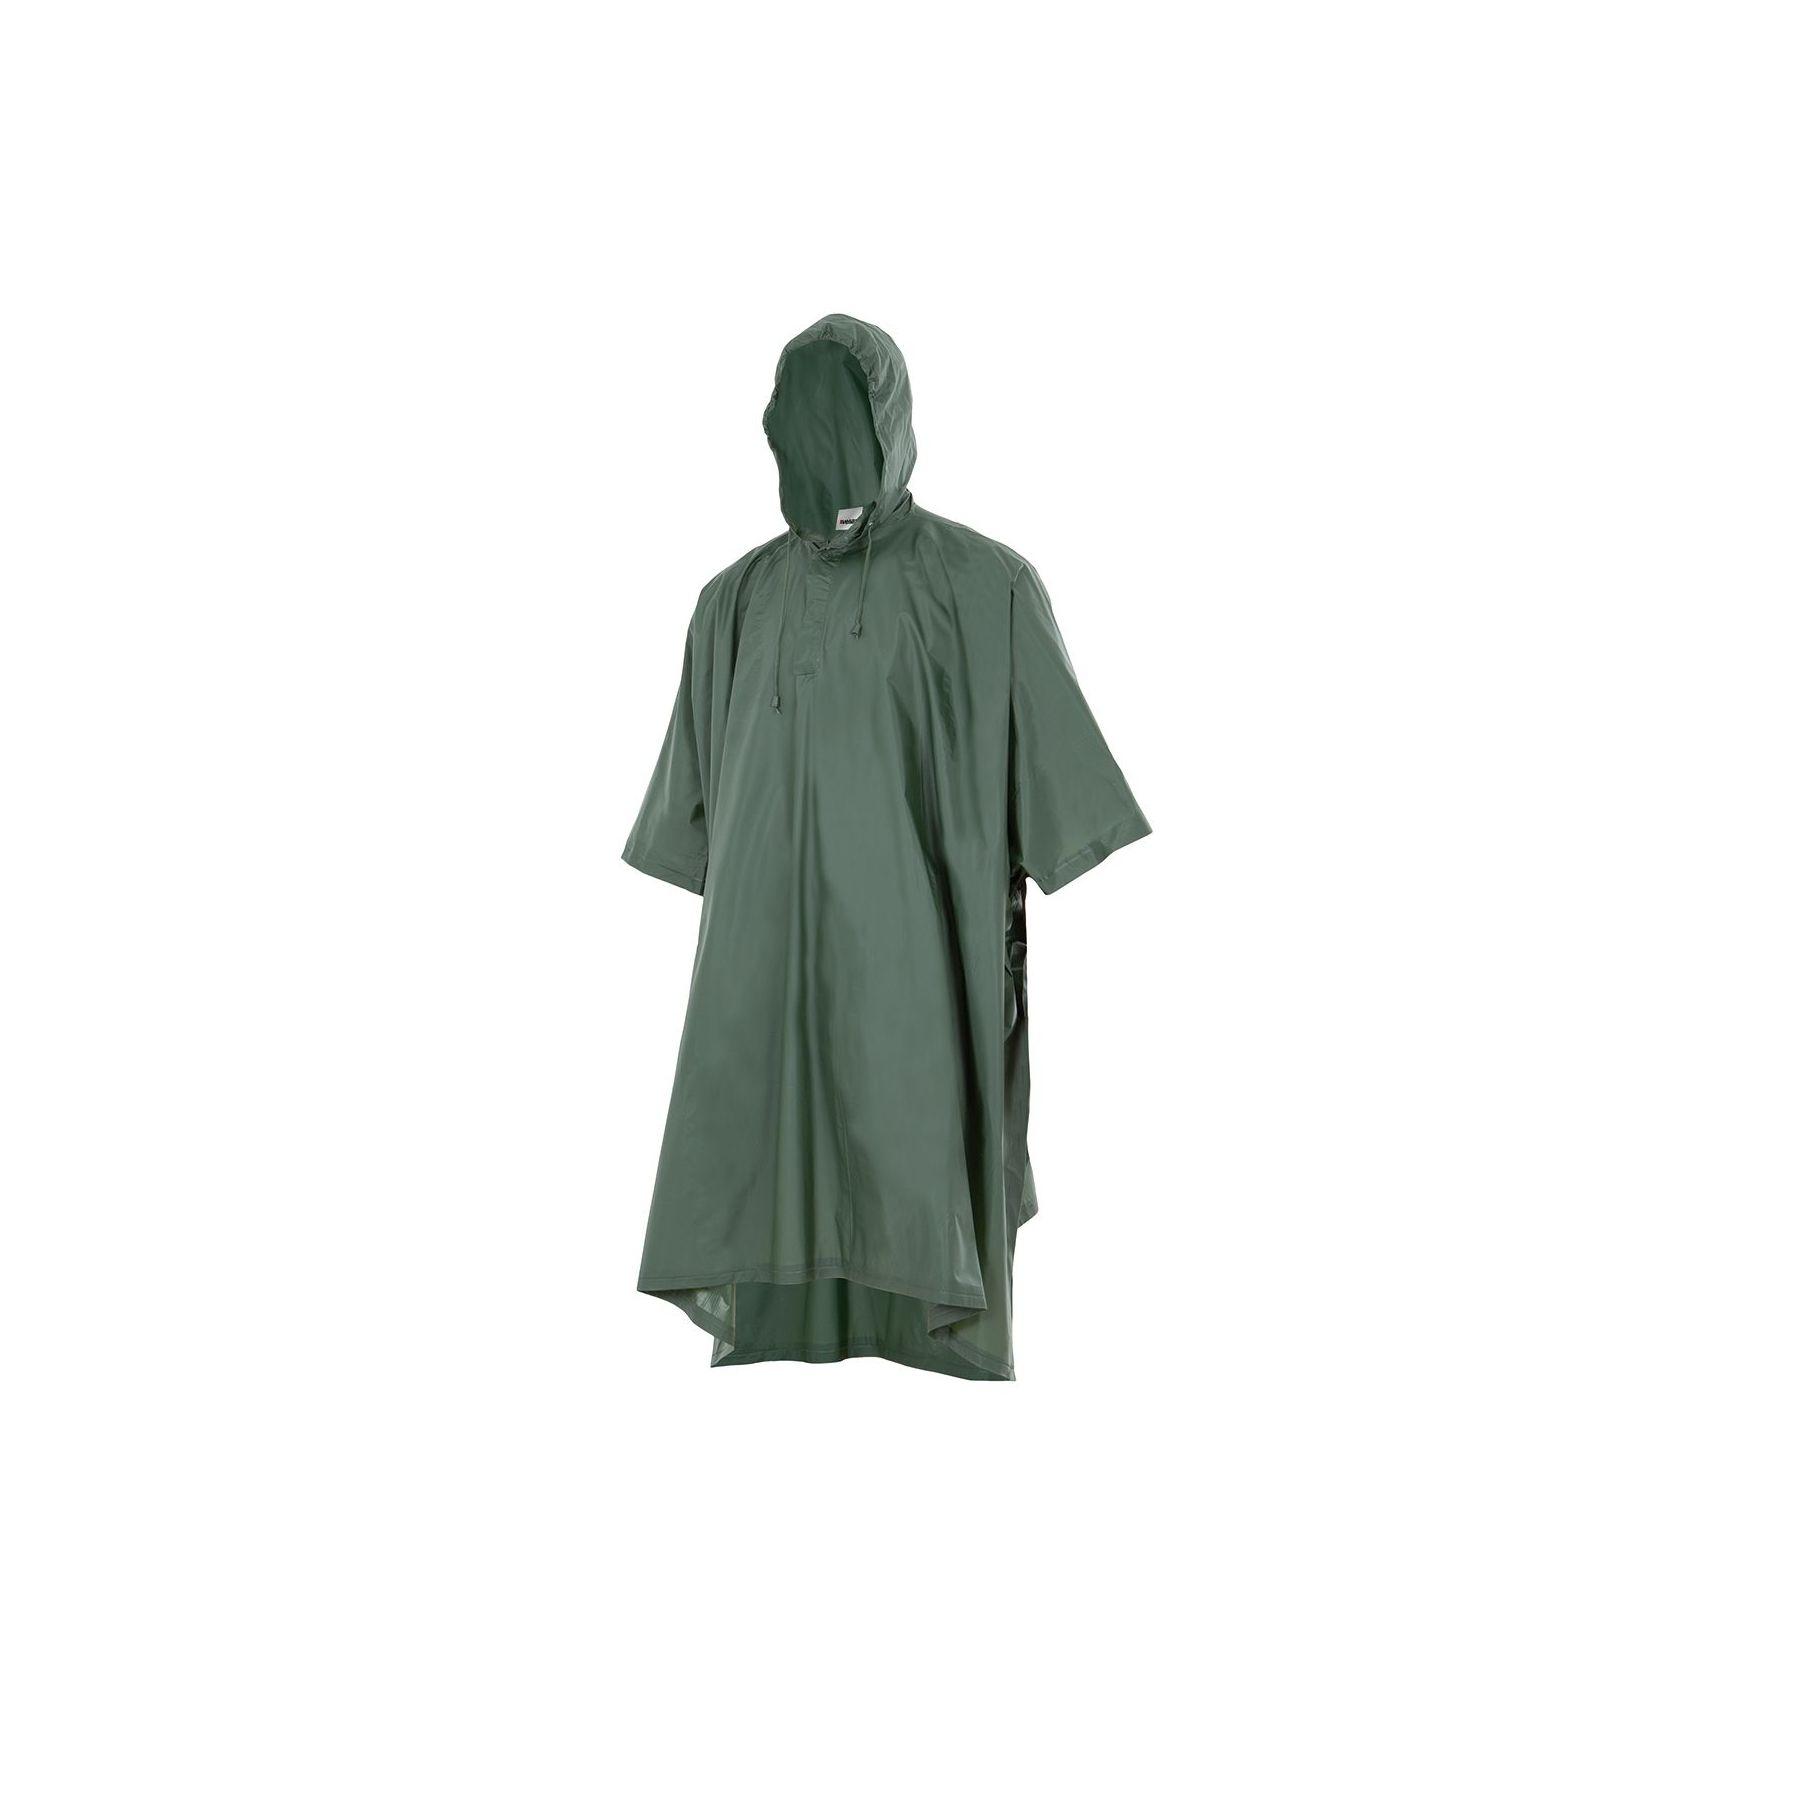 Poncho de lluvia con capucha (ref: 187, talla única)